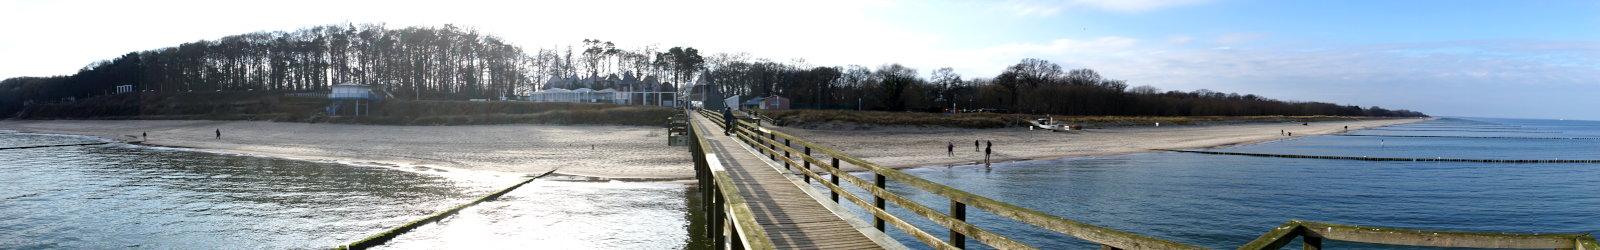 Ferienwohnung Koserow: Blick von der Seebrücke auf den Strand